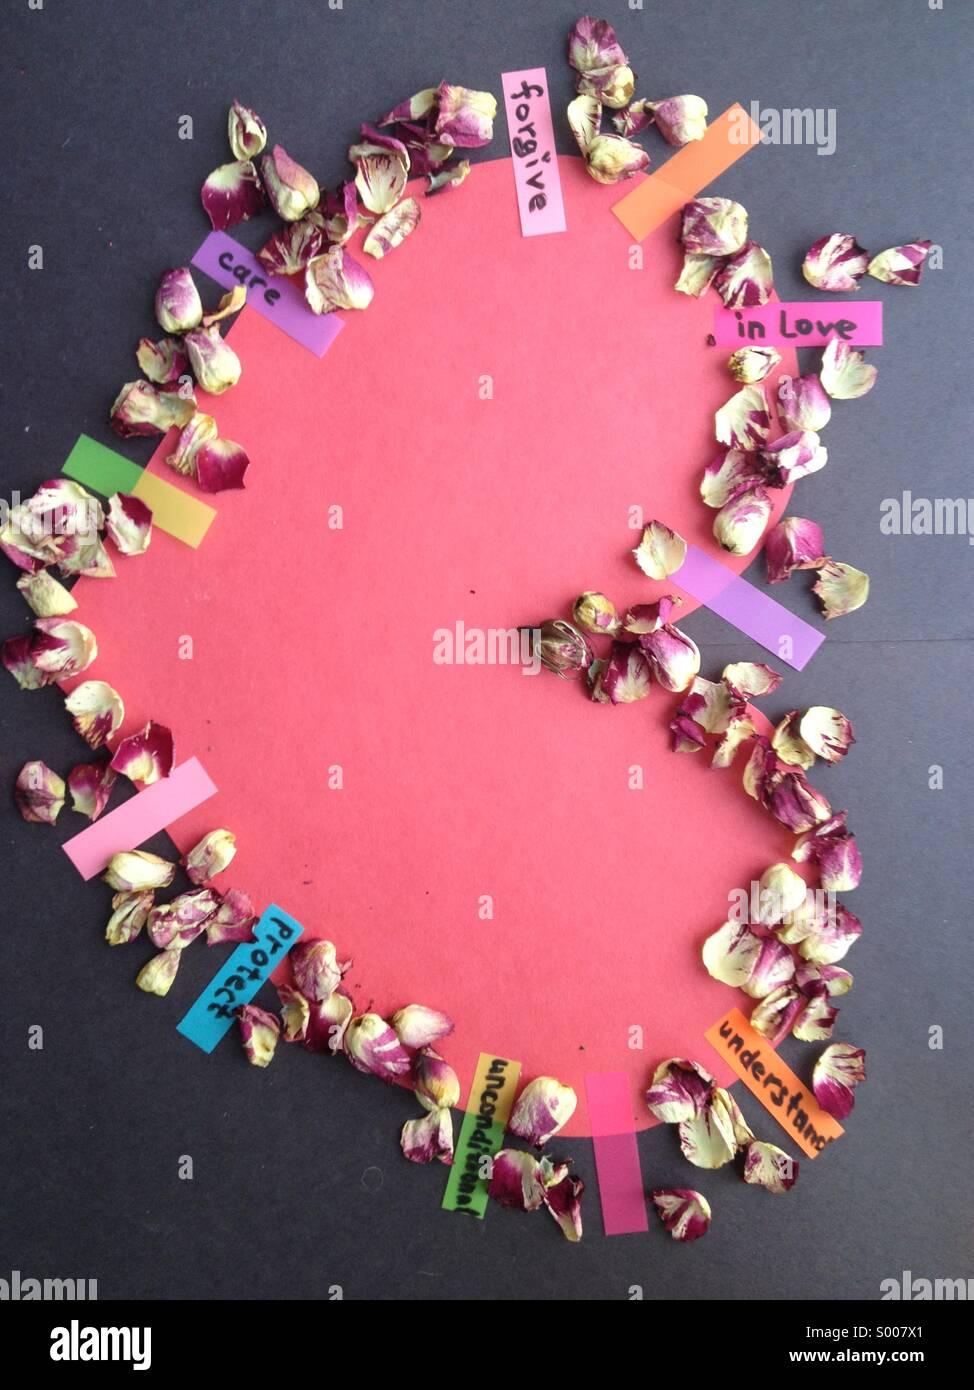 Coeur de papier avec des pétales de rose et des autocollants avec des mots écrits Photo Stock